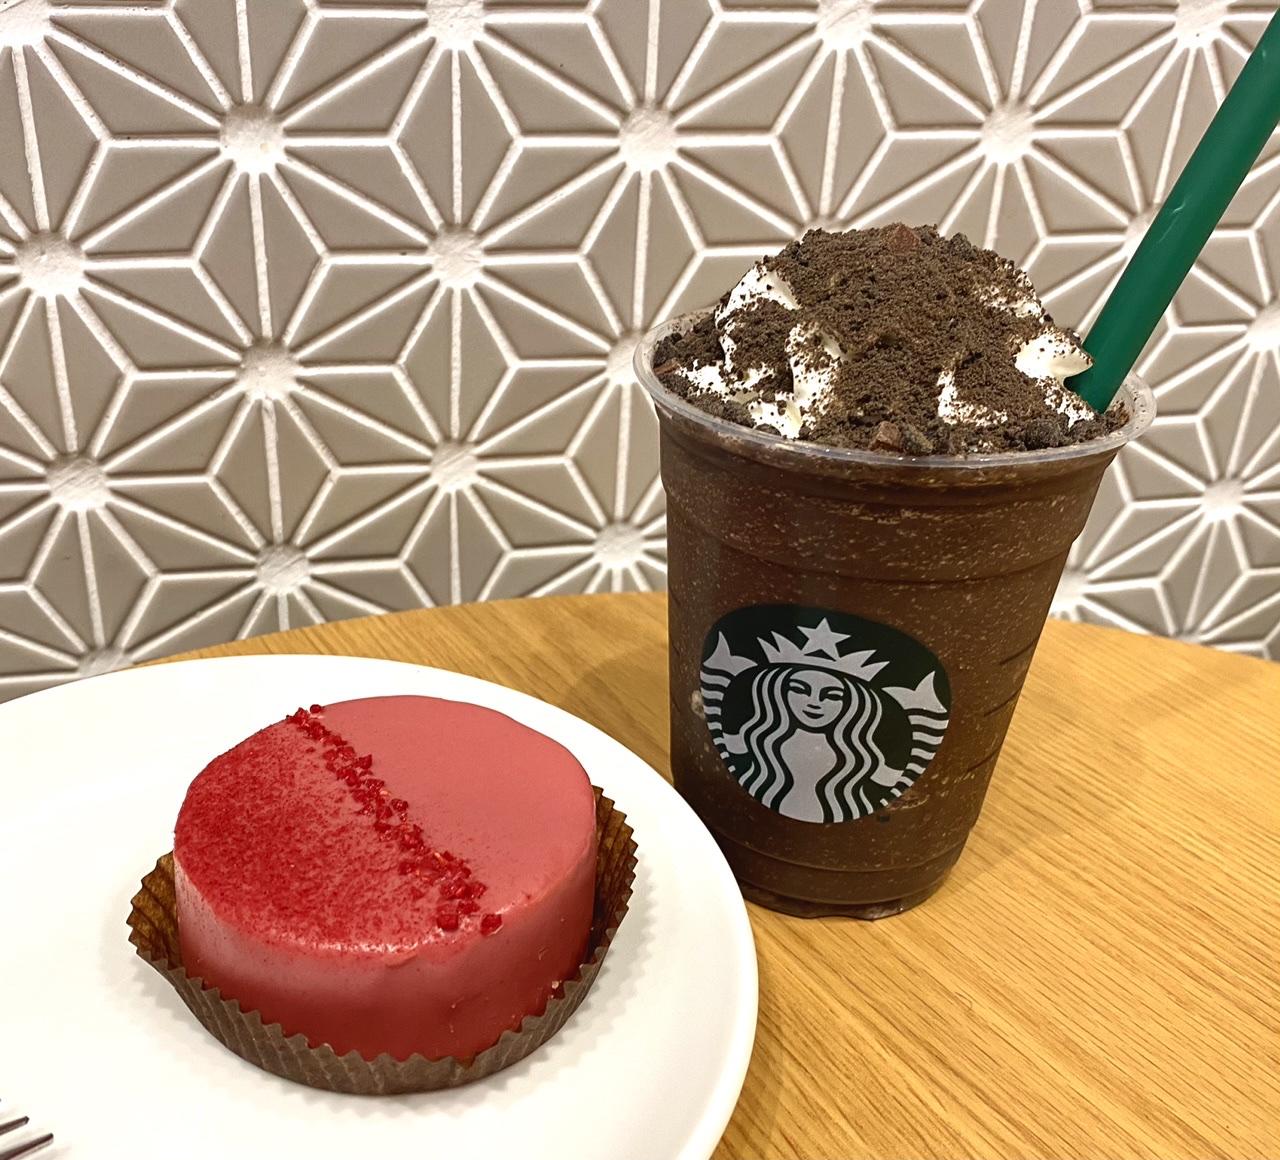 【スタバ 新作レポ】バレンタイン2021第2弾「チョコレート オン ザ チョコレート フラペチーノ」と「ルビーチョコレートケーキ」